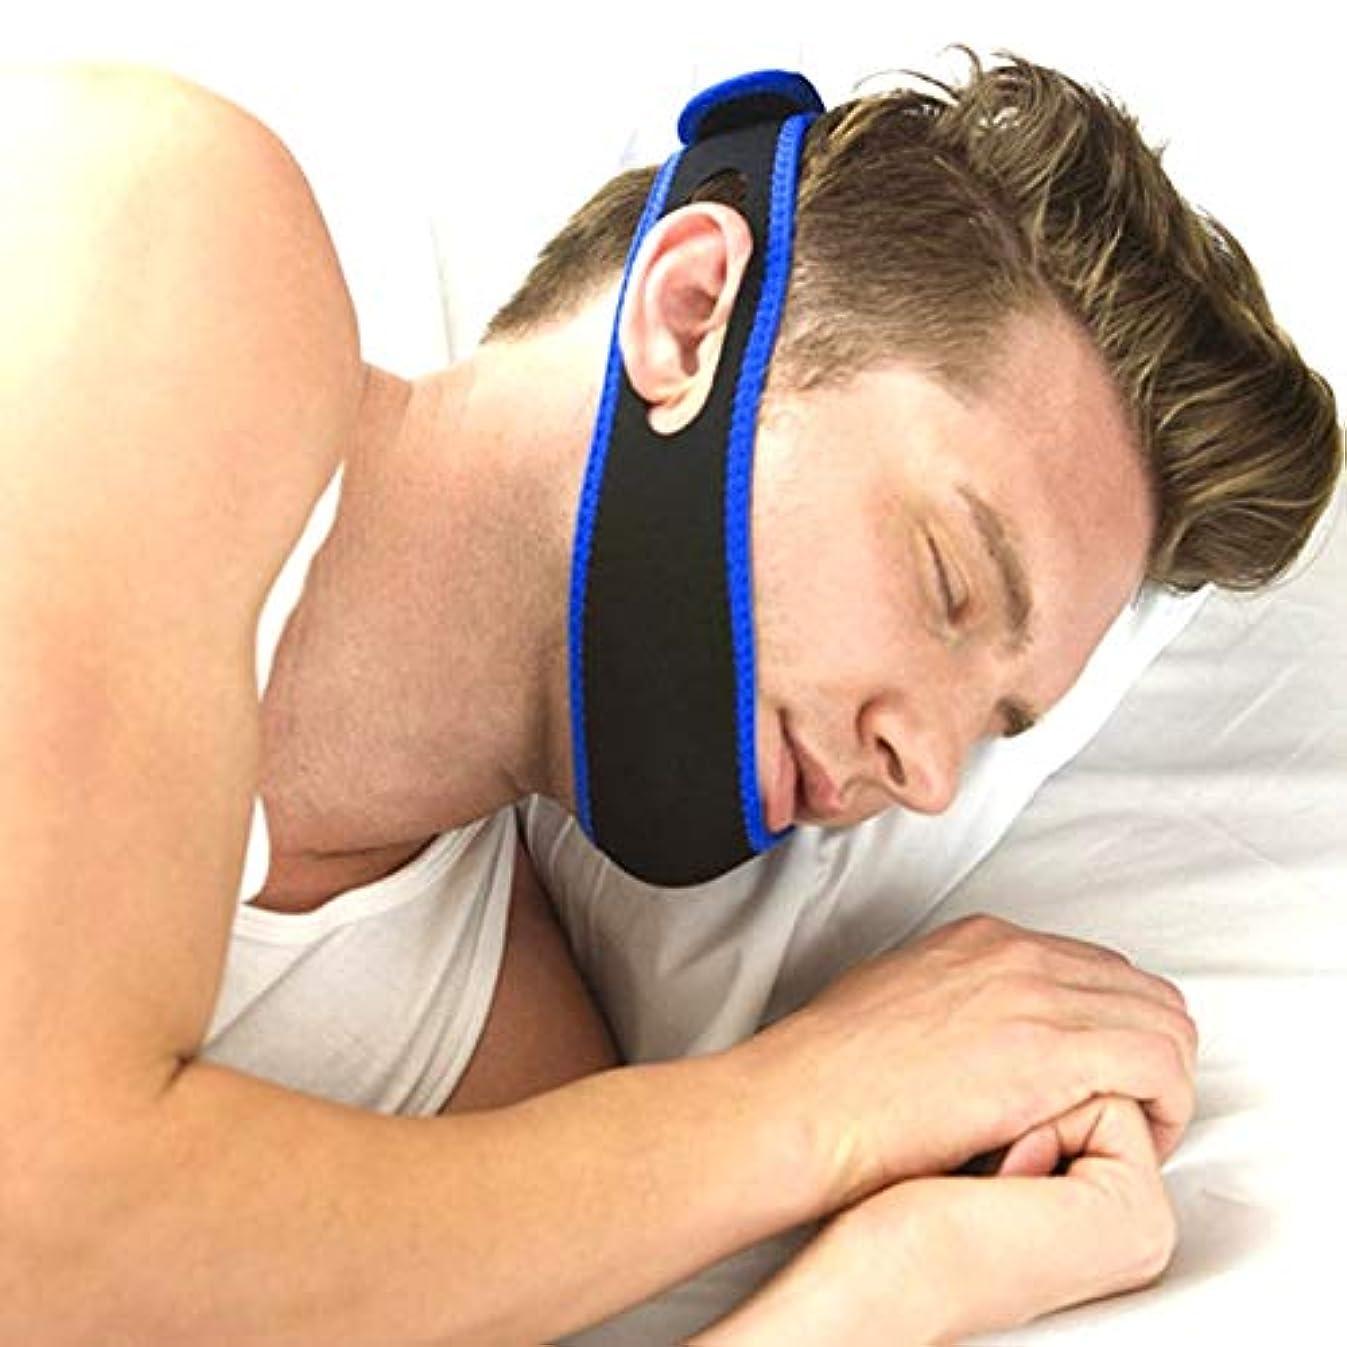 バケツモッキンバード独特のNOTE 抗いびき鼻清浄機鼻拡張器息をしやすいAntiSnoreチンストラップ抗いびきマウスピースストップいびきコーン渋滞補助